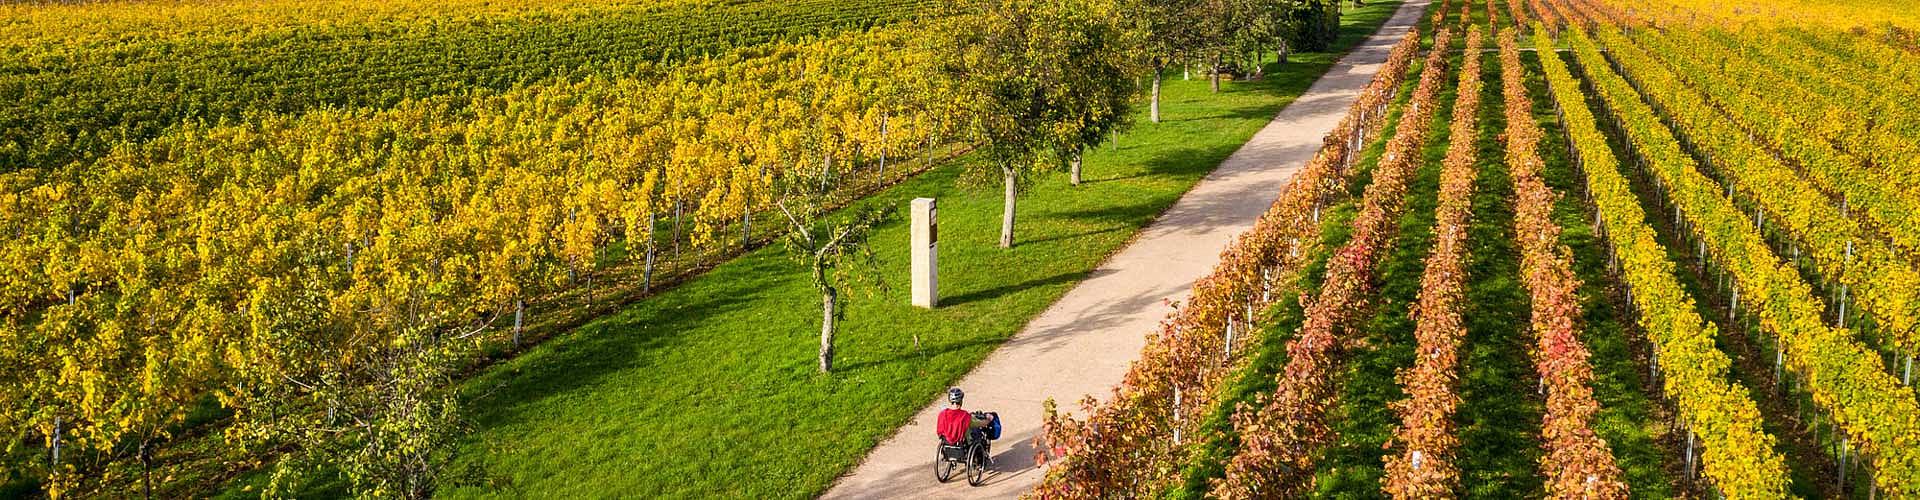 Mit dem Handbike unterwegs auf dem biblischen Weinpfad zu Kirrweiler.